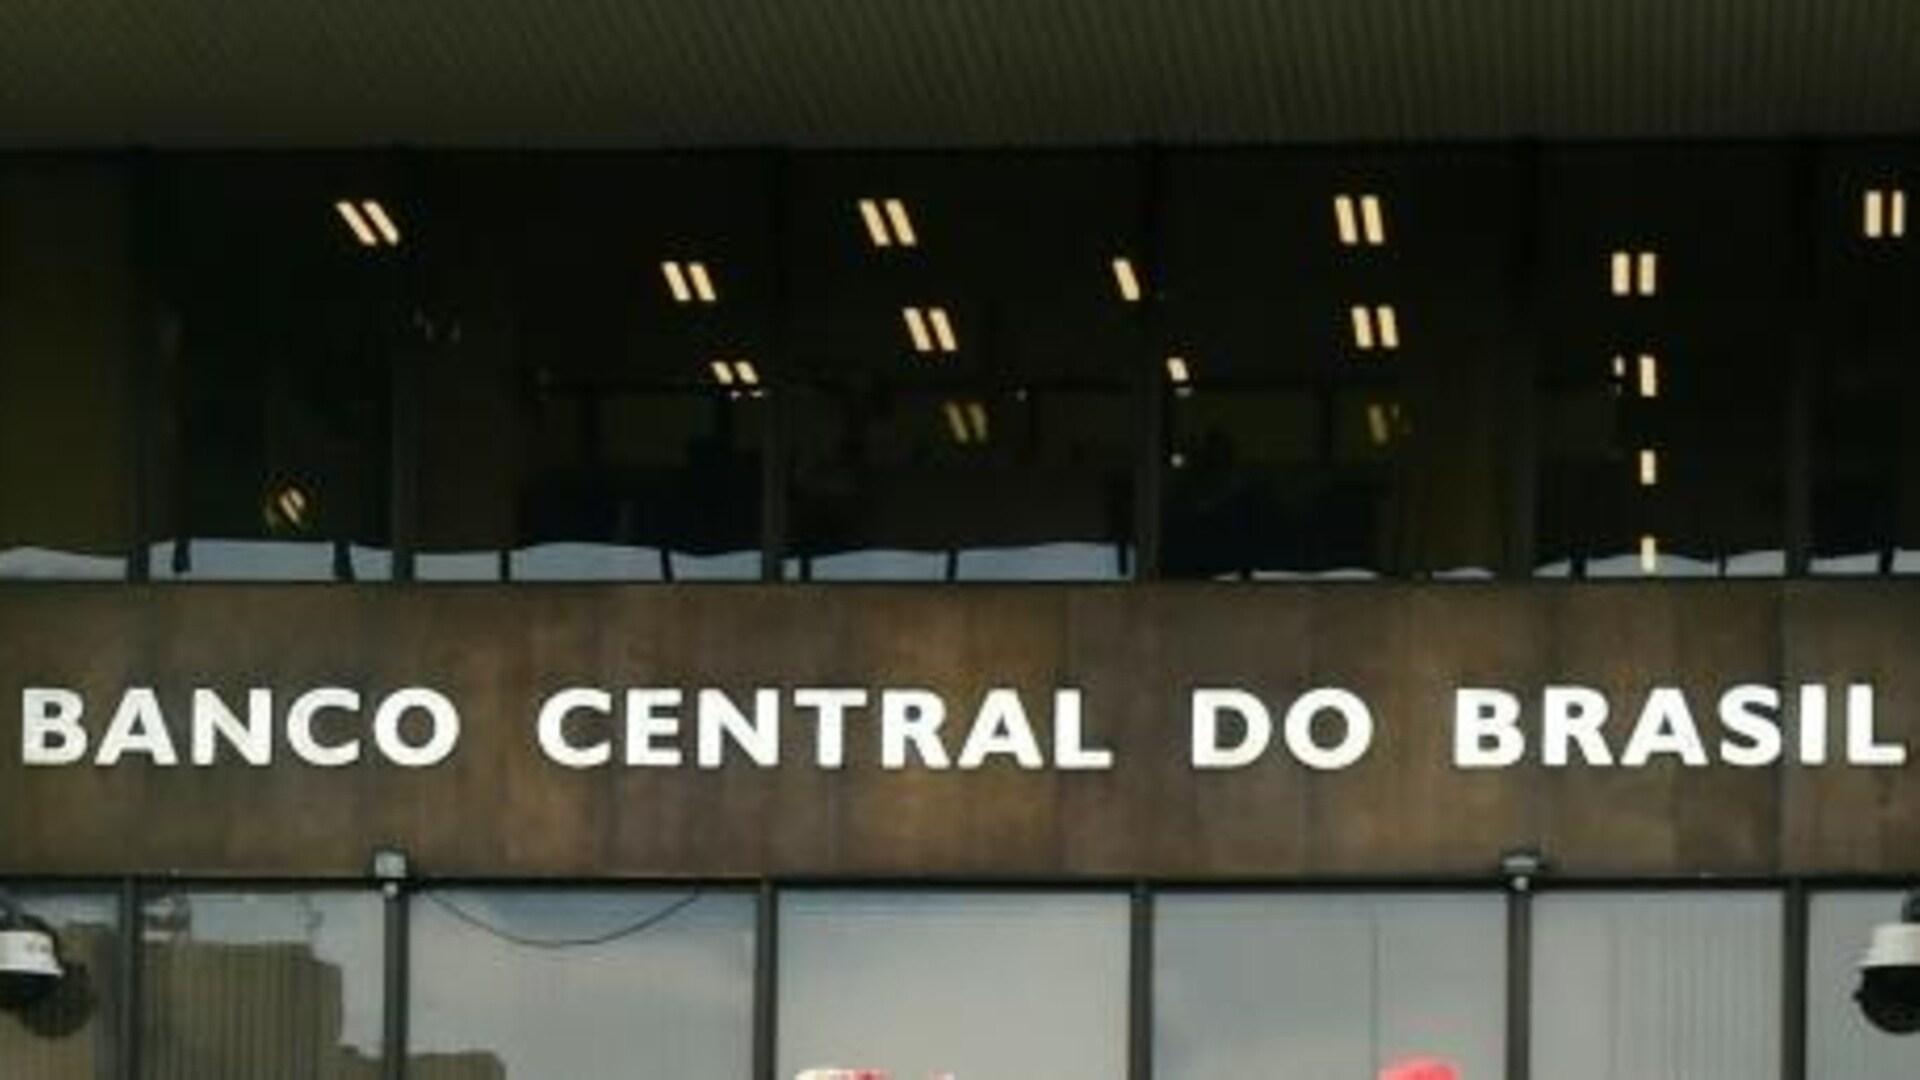 Banco Central de Brasil establece un grupo de estudio para evaluar la emisión de una moneda digital en el país